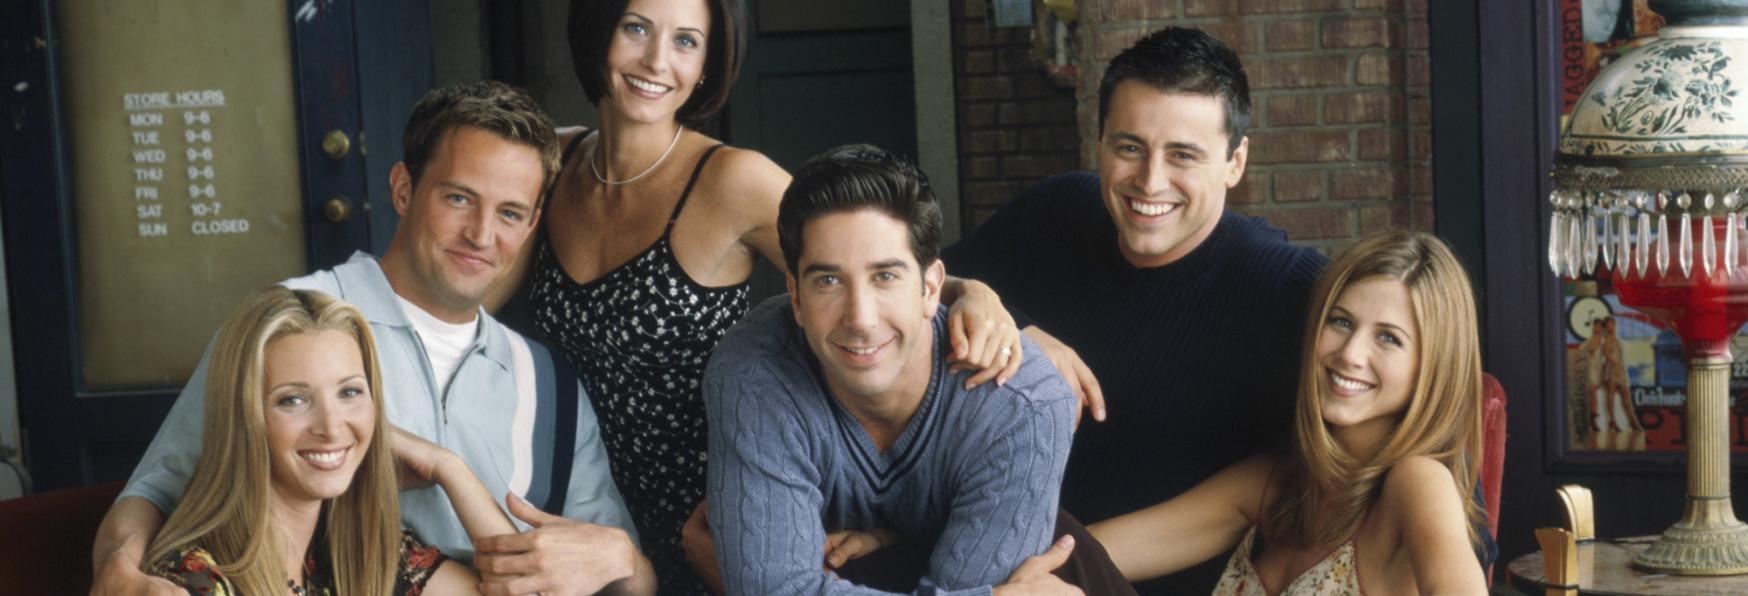 Friends: è rimandata la Reunion di HBO Max per il Coronavirus